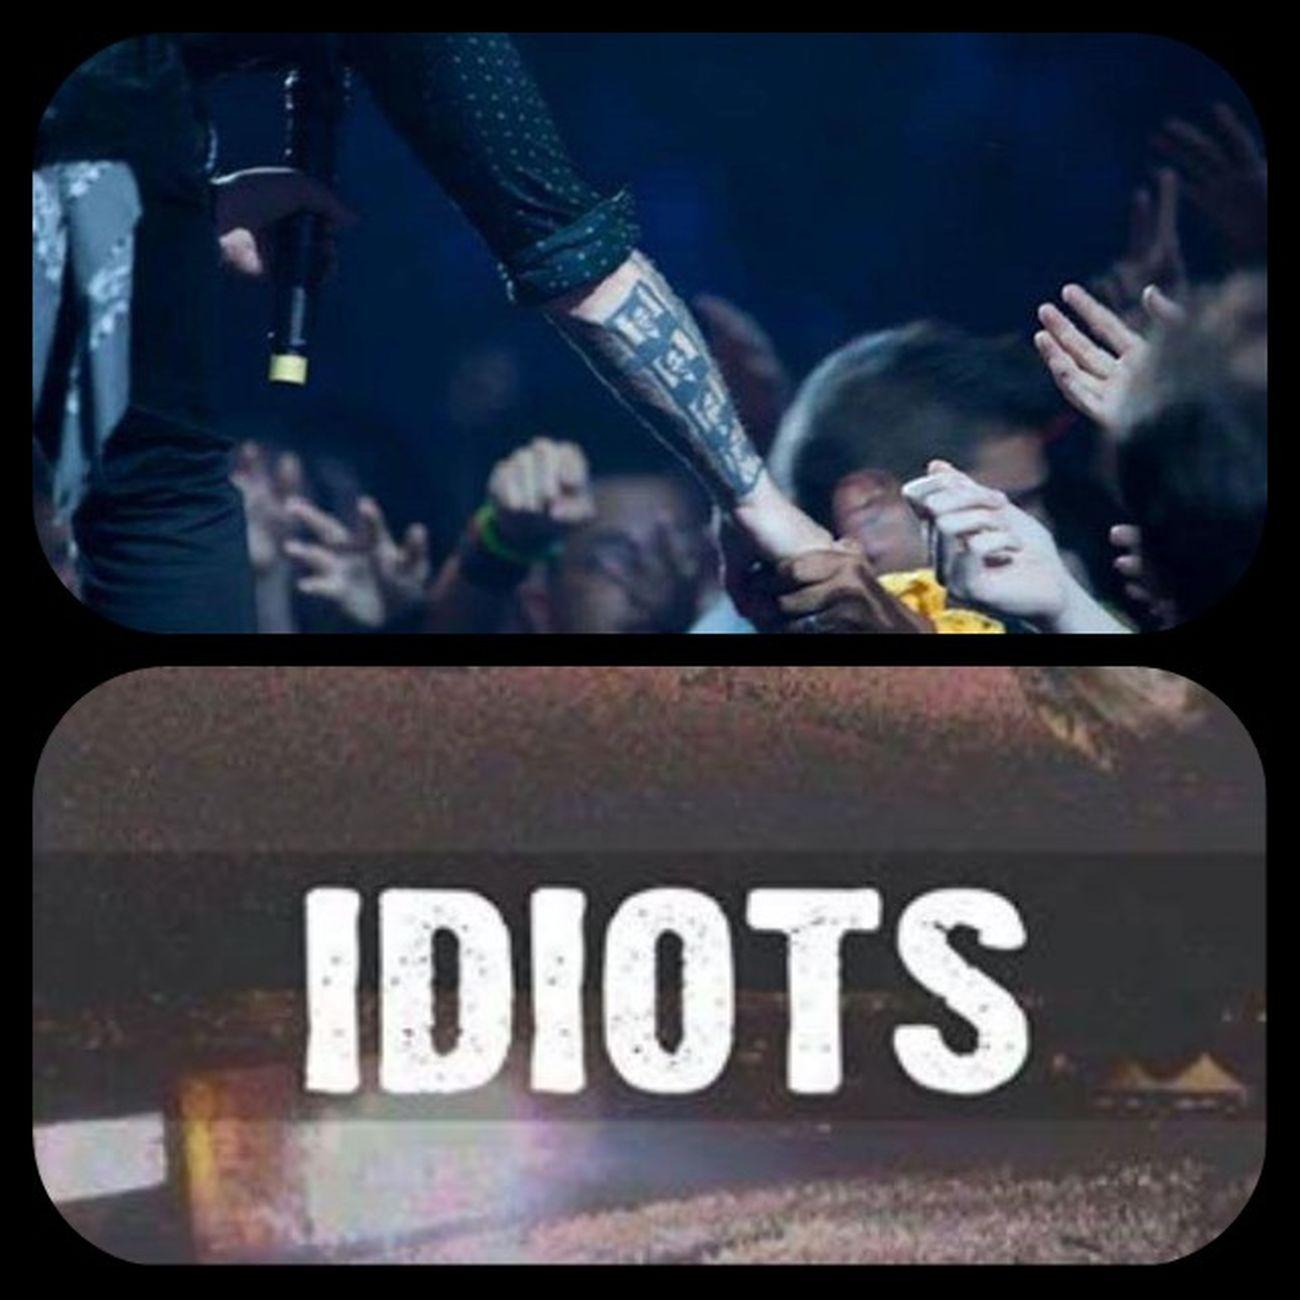 Greenday Idiots Billiejoearmstrong Billie billiejoe bja bjarmstrong music fans concert gd tattoo tattoos people